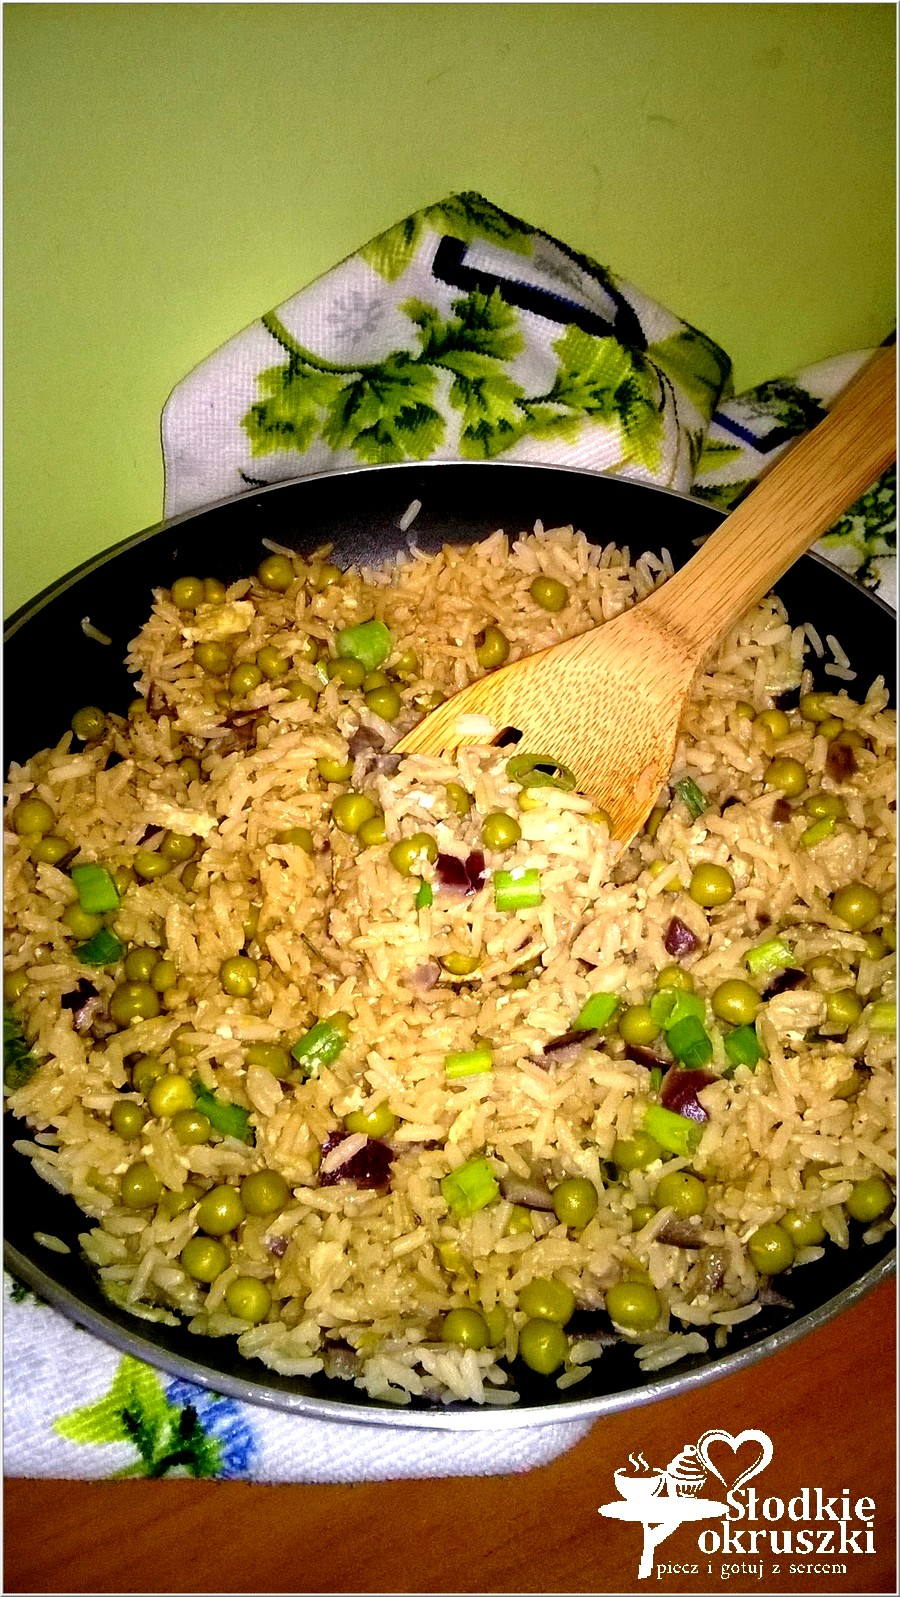 Smażony ryż z jajkiem i zielonym groszkiem (1)